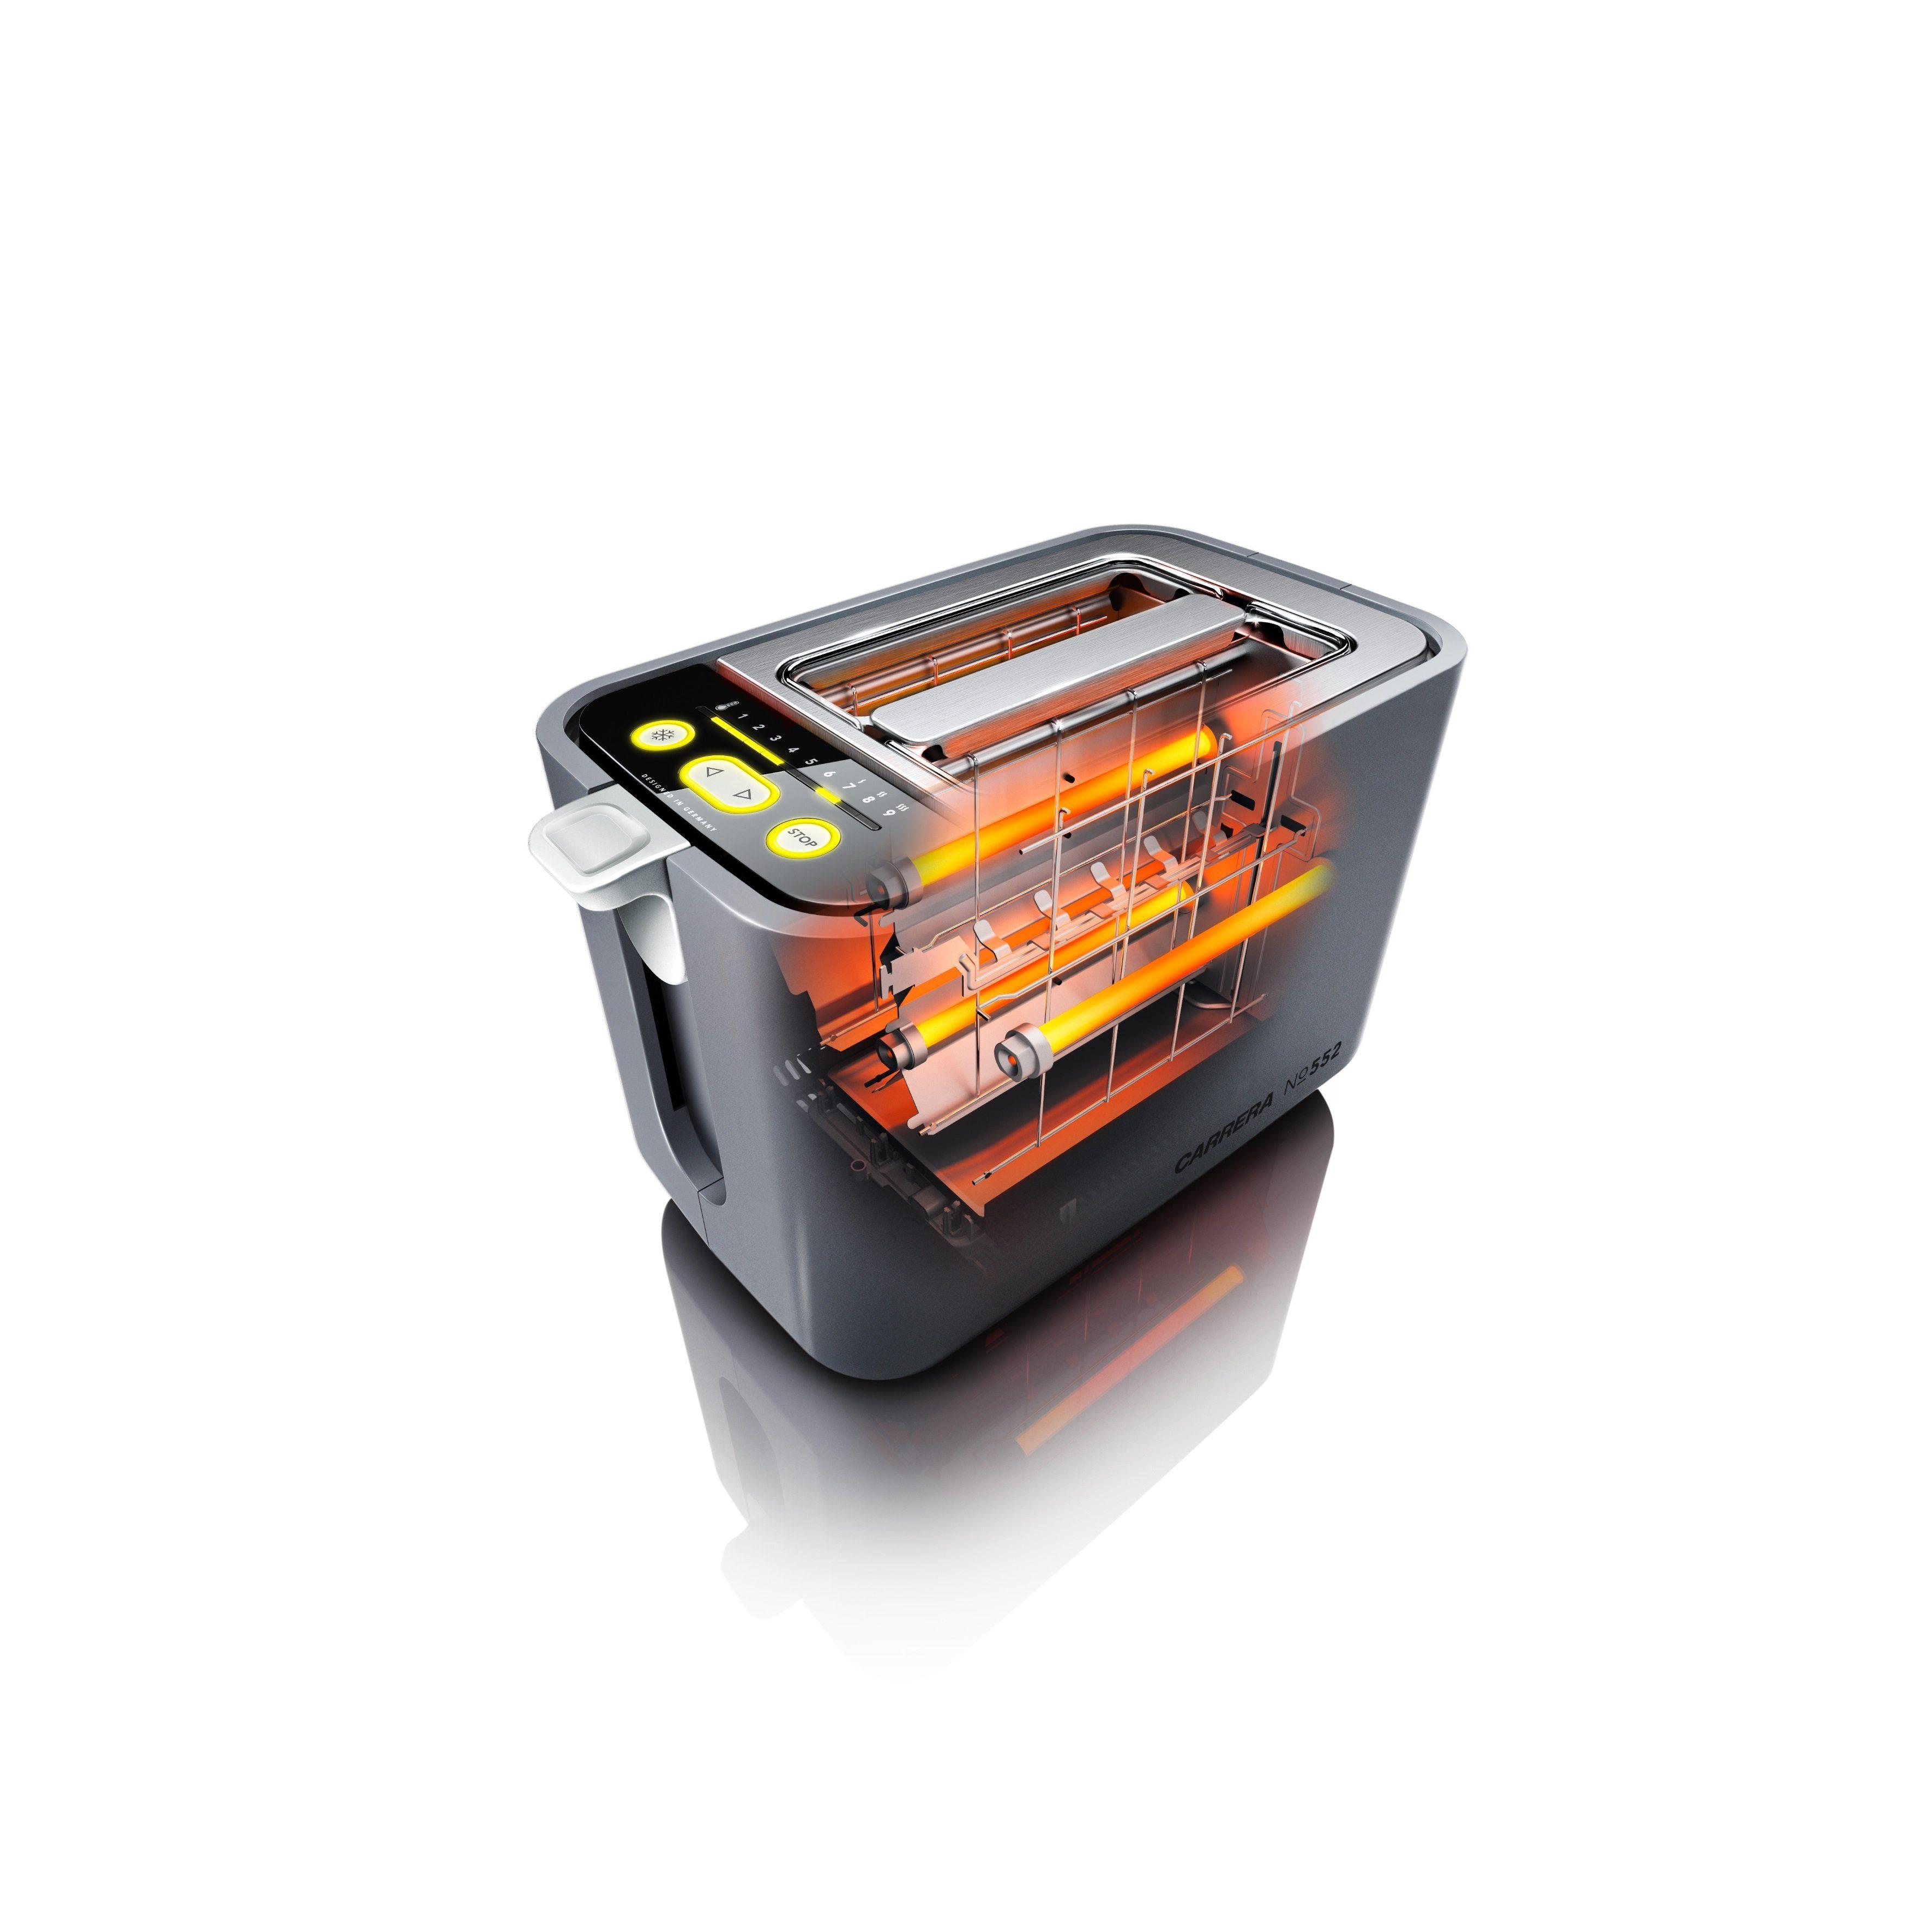 CARRERA Original Quarz Toaster mit Brötchenaufsatz und 9 Feinabstufungen »No 552«